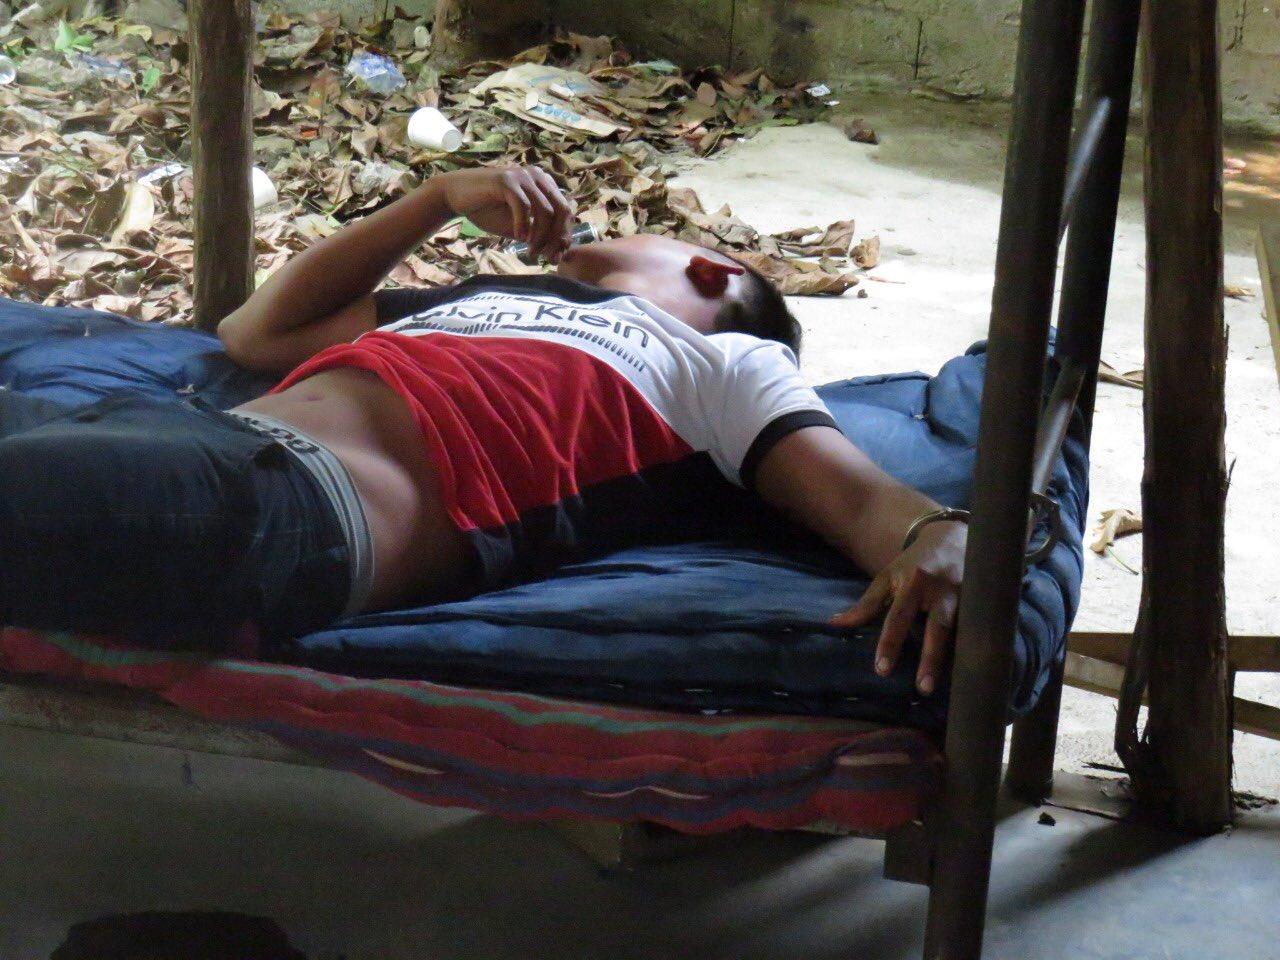 Localizan a persona detenida engrilletada a una cama desde hace cuatro días y sin alimentación